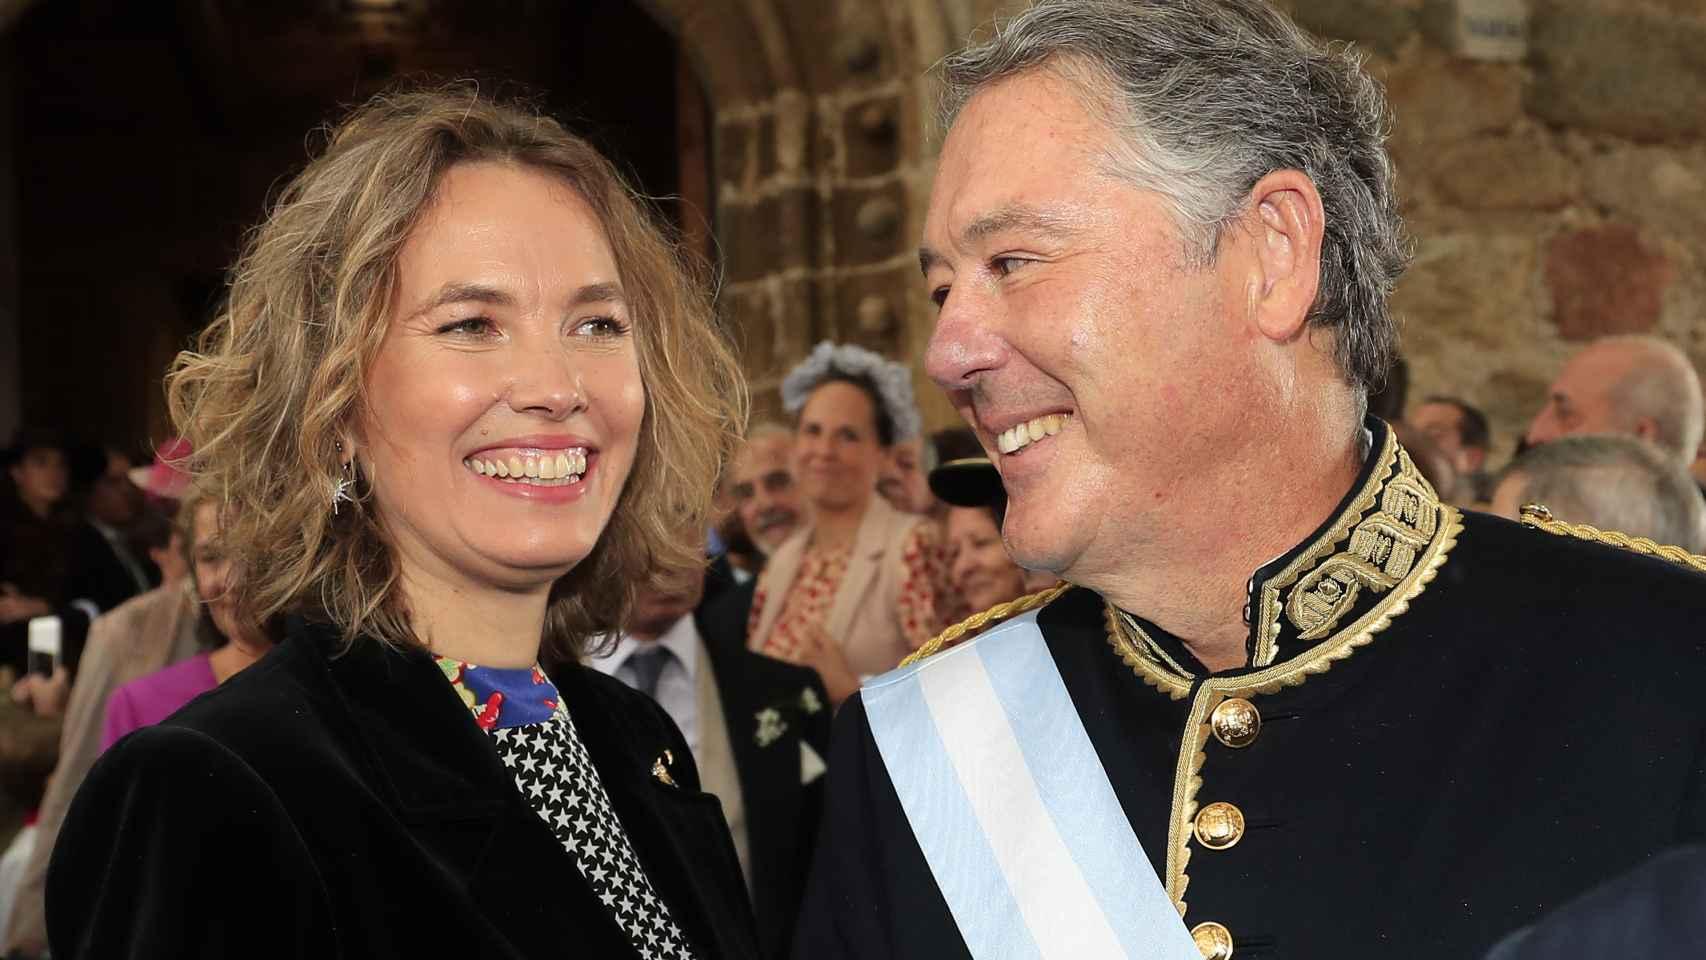 José María Michavila y Alejandra Salinas en la boda de Irene Michavila con Ramón Lladó en octubre de 2019.